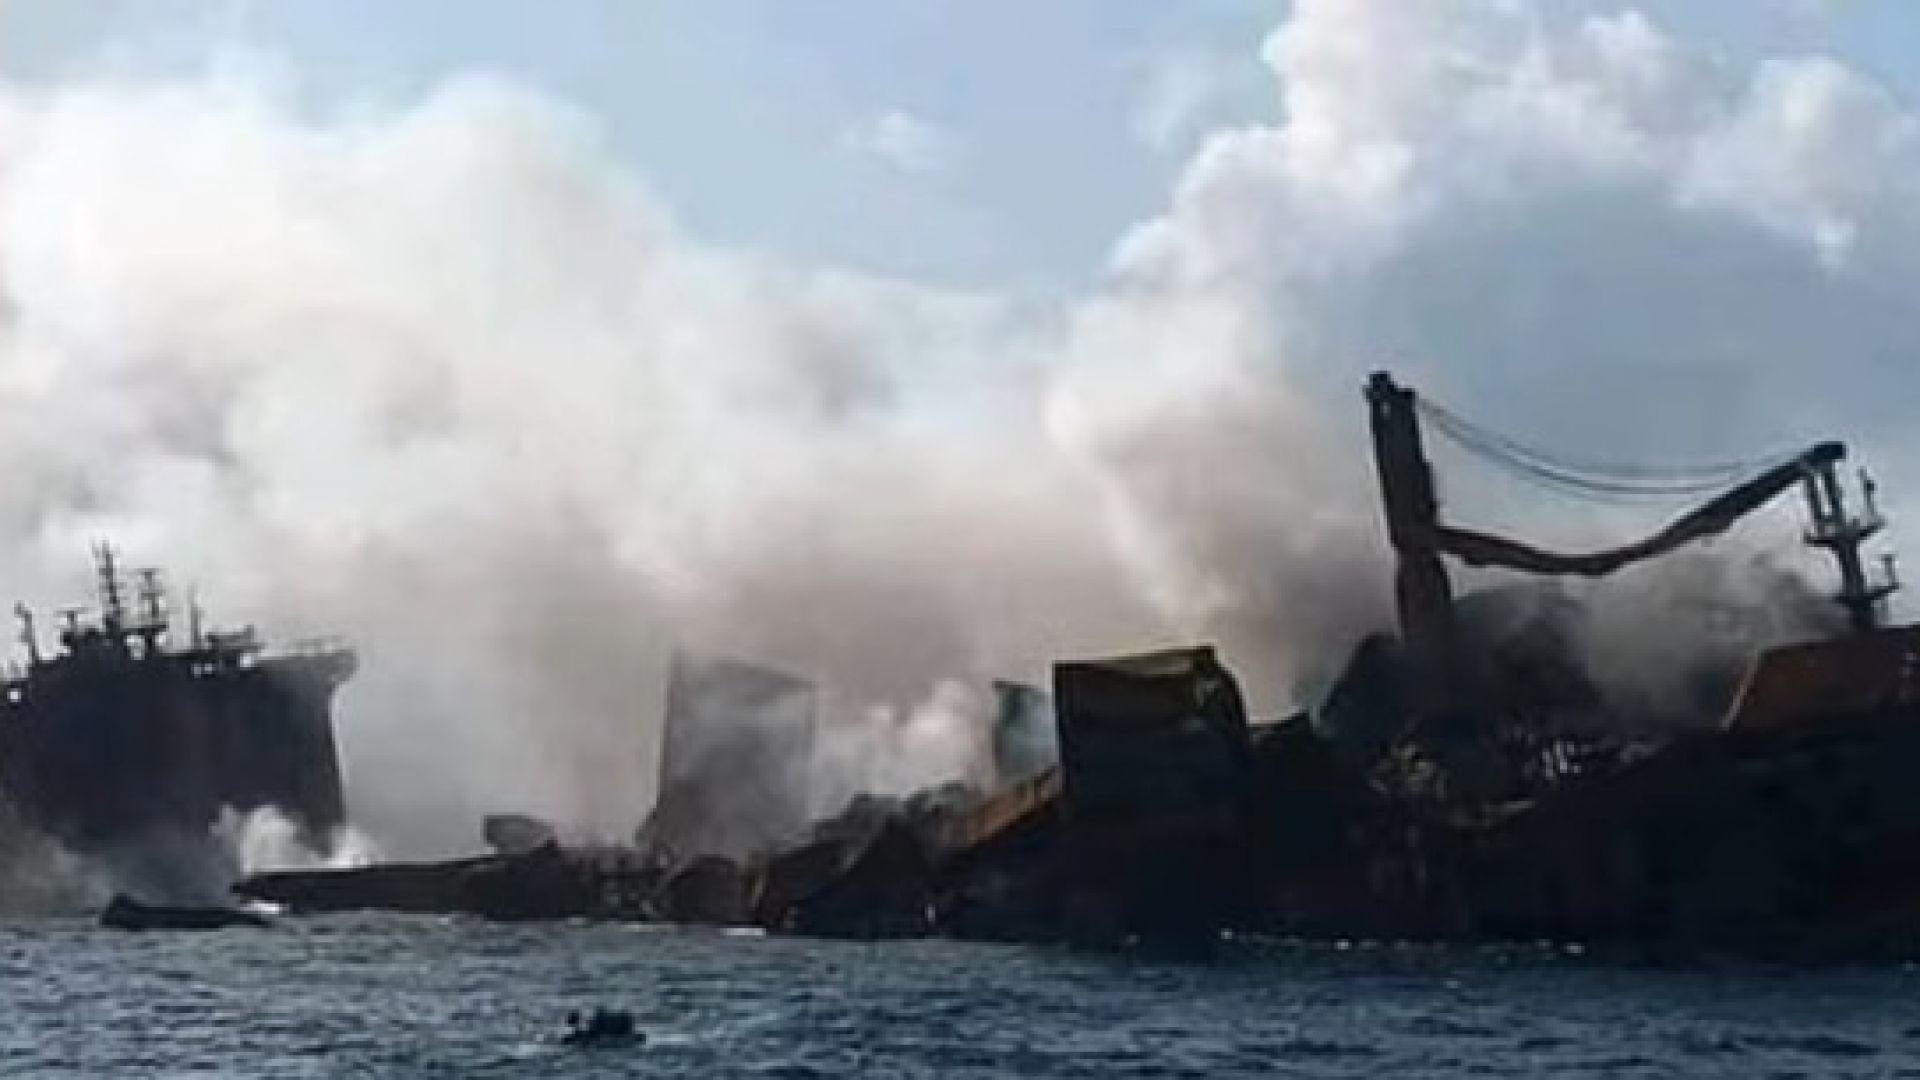 Горящият кораб край Шри Ланка потъва, има опасност от екологично бедствие (снимки/видео)